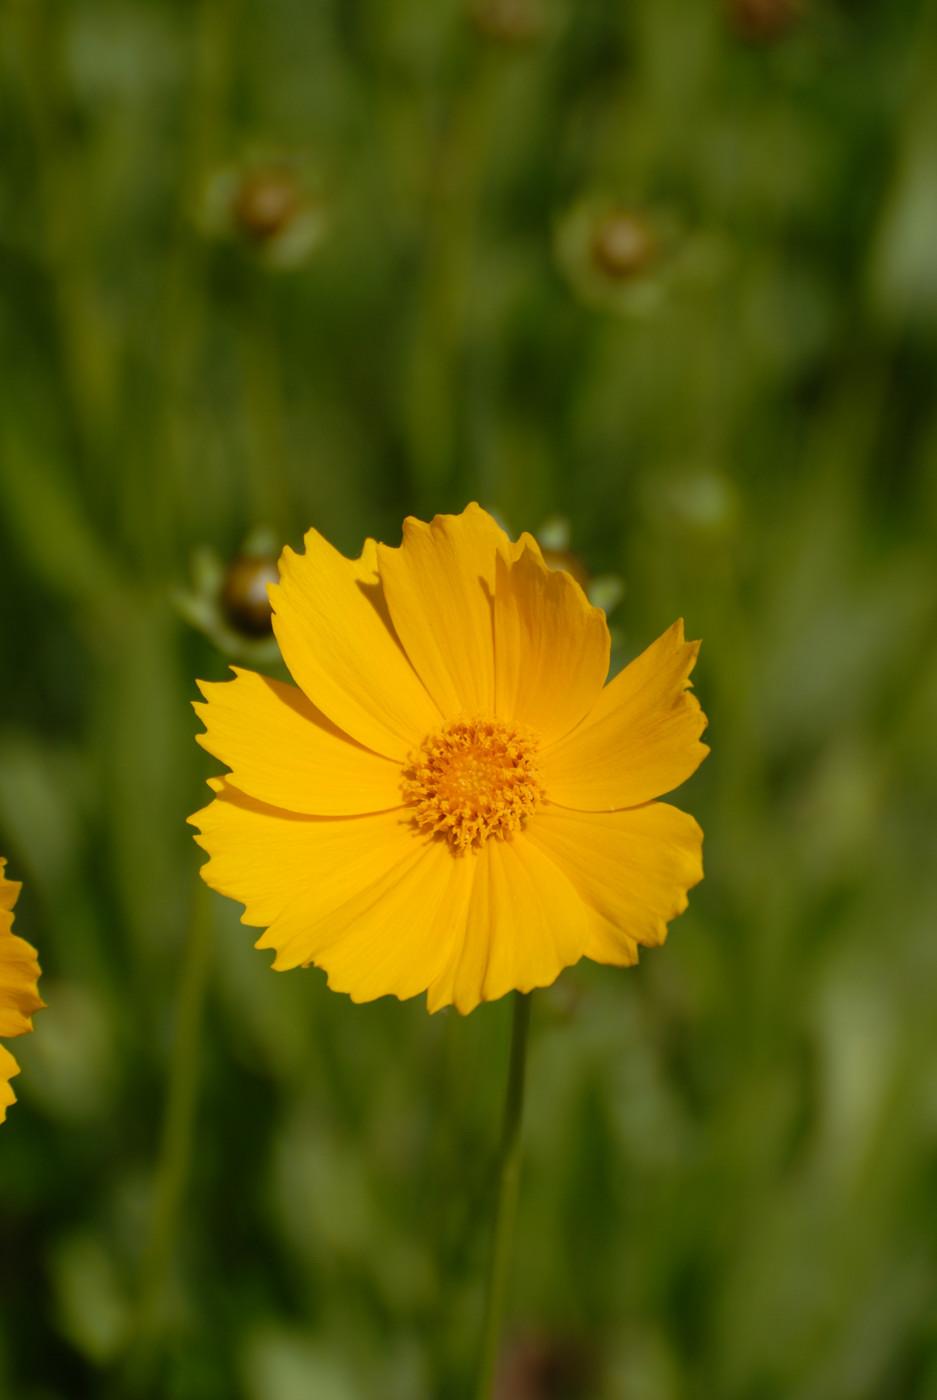 黄色い花を大きく